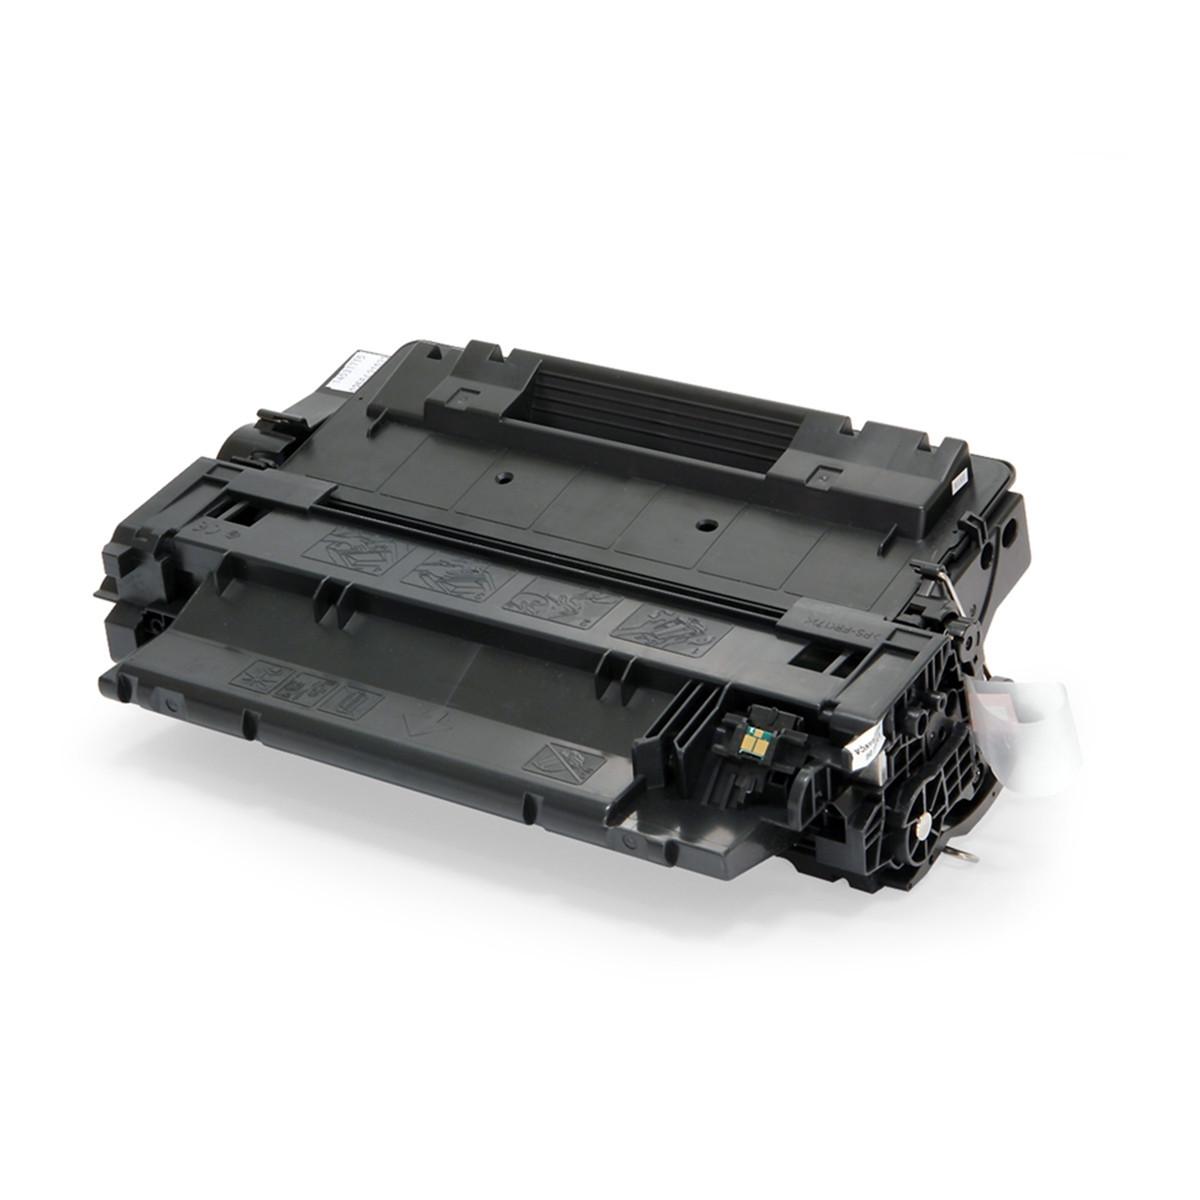 Toner Compatível com HP Q7551A   P3005 P3005DN P3005D P3005N M3035MFP M3027MFP   Premium 6k